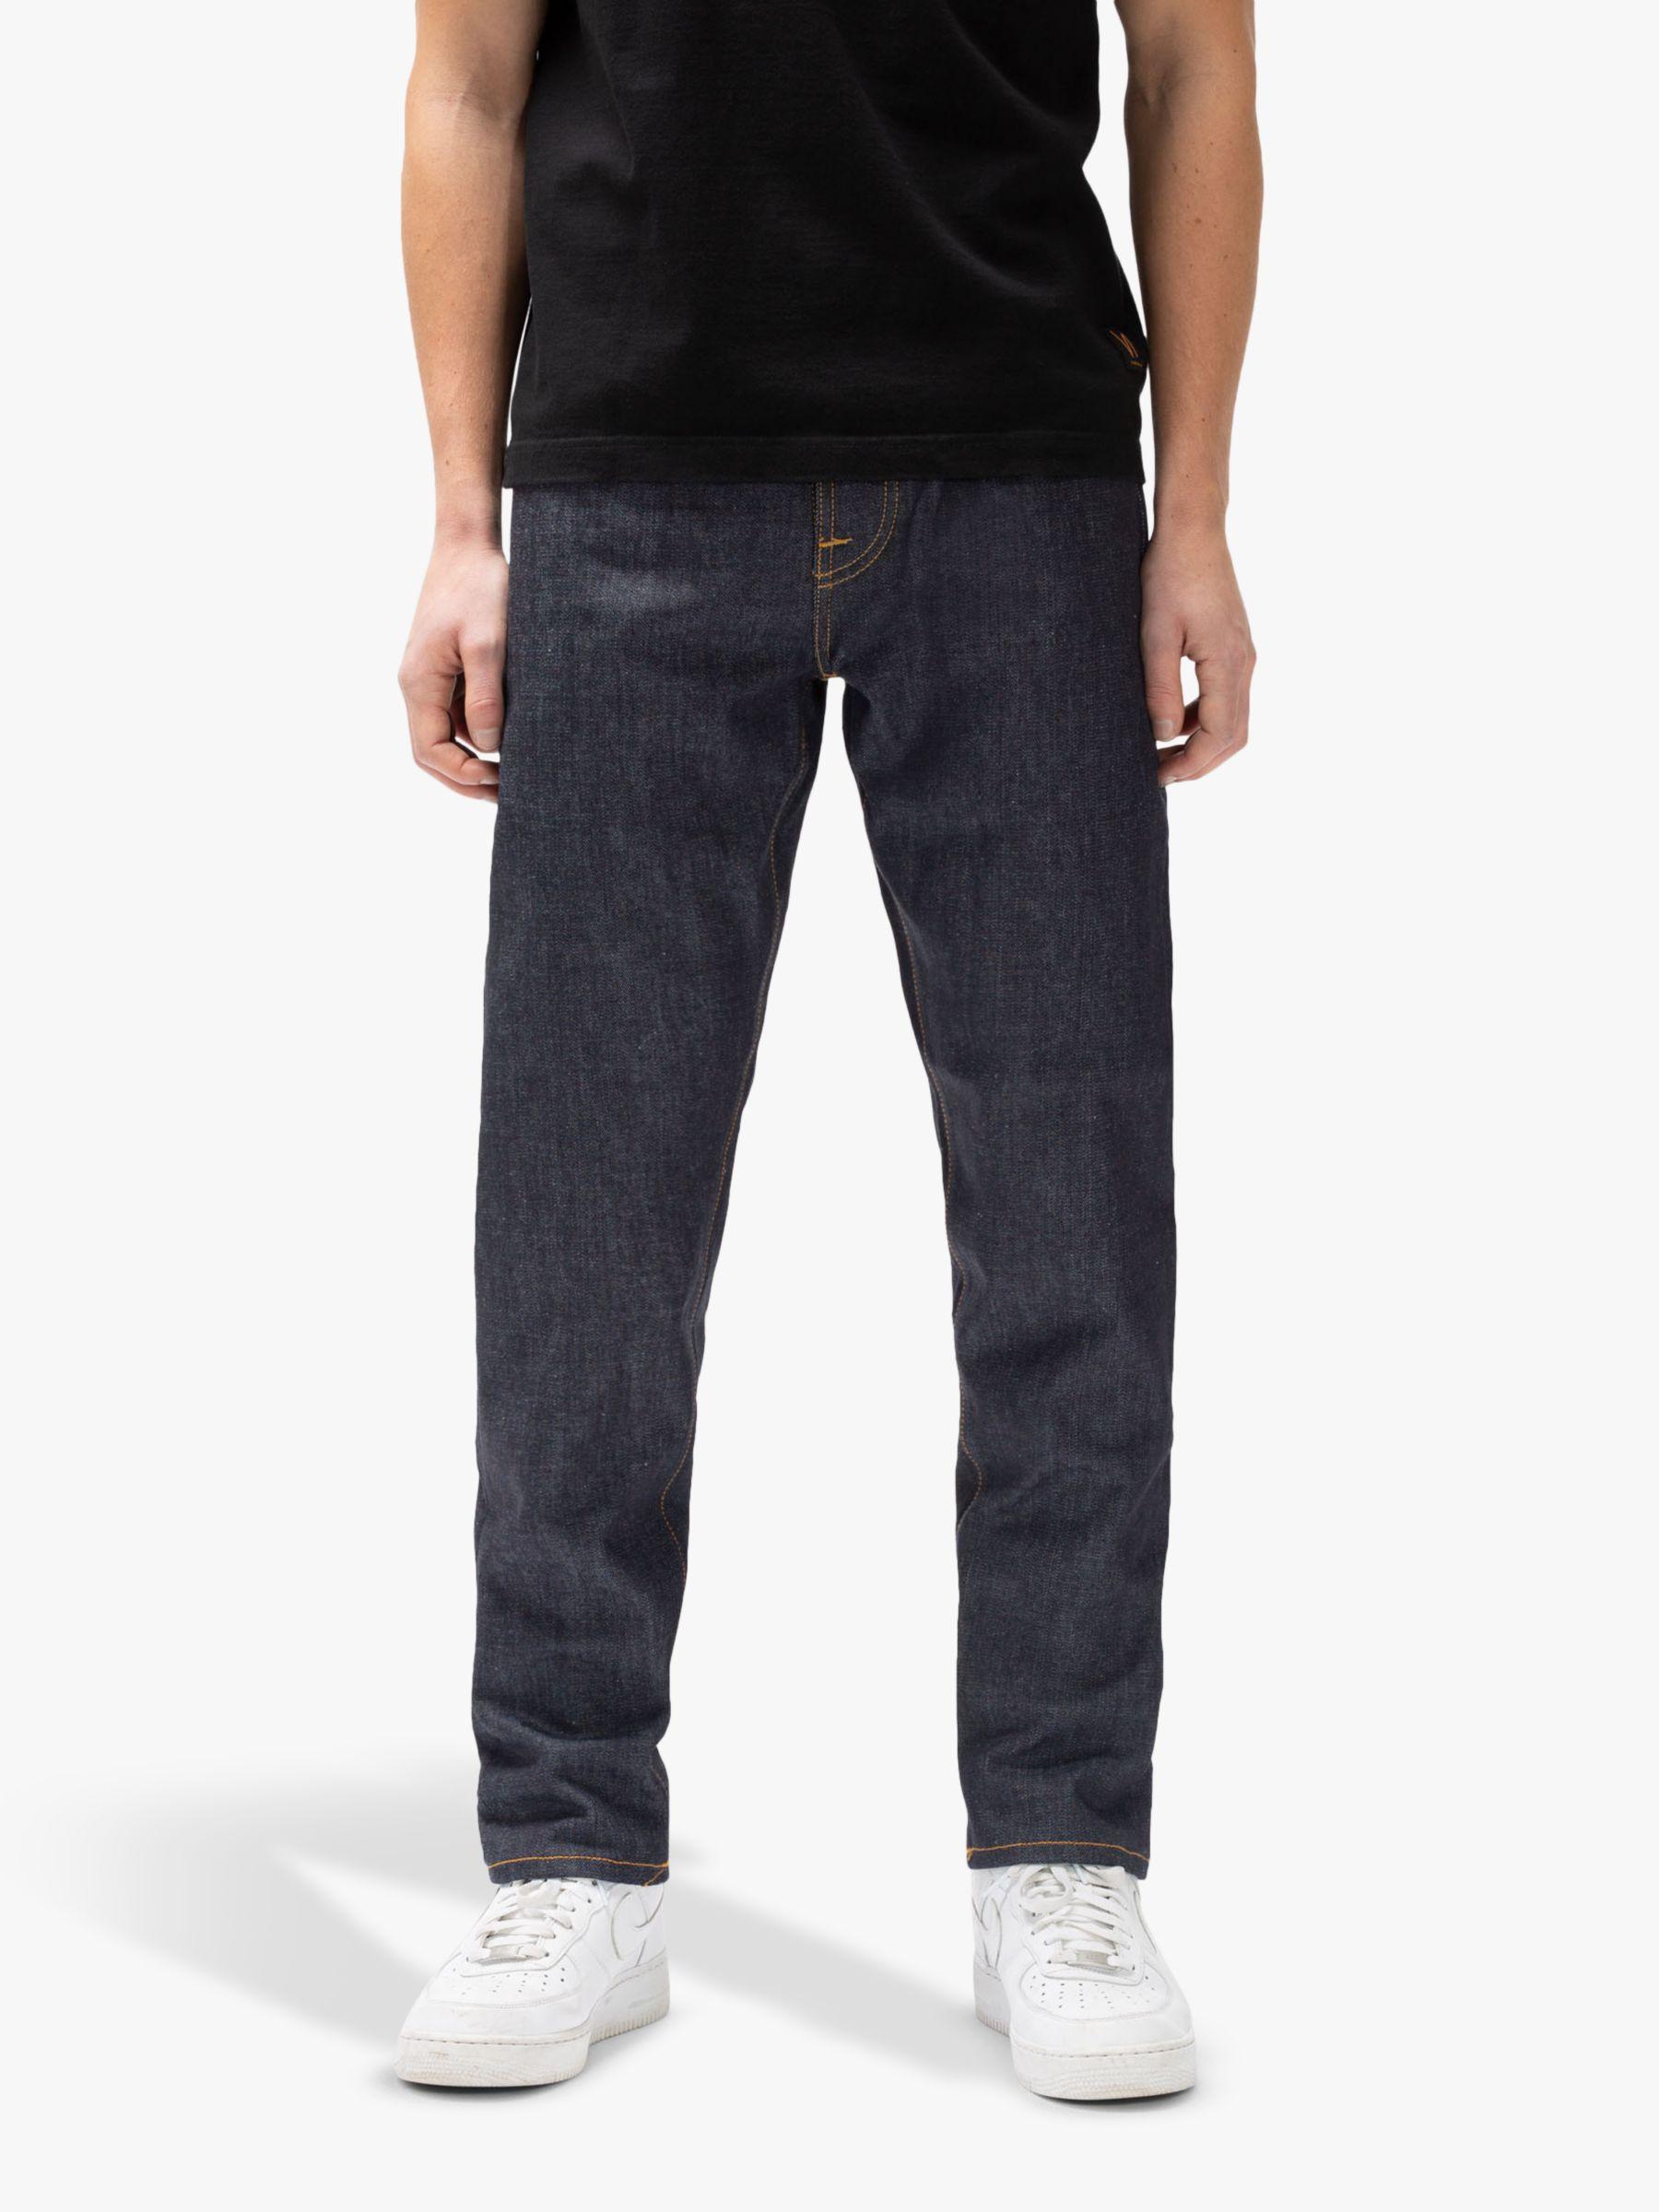 Nudie Jeans Nudie Jeans Slim Steady Eddie II Jeans, Dry True